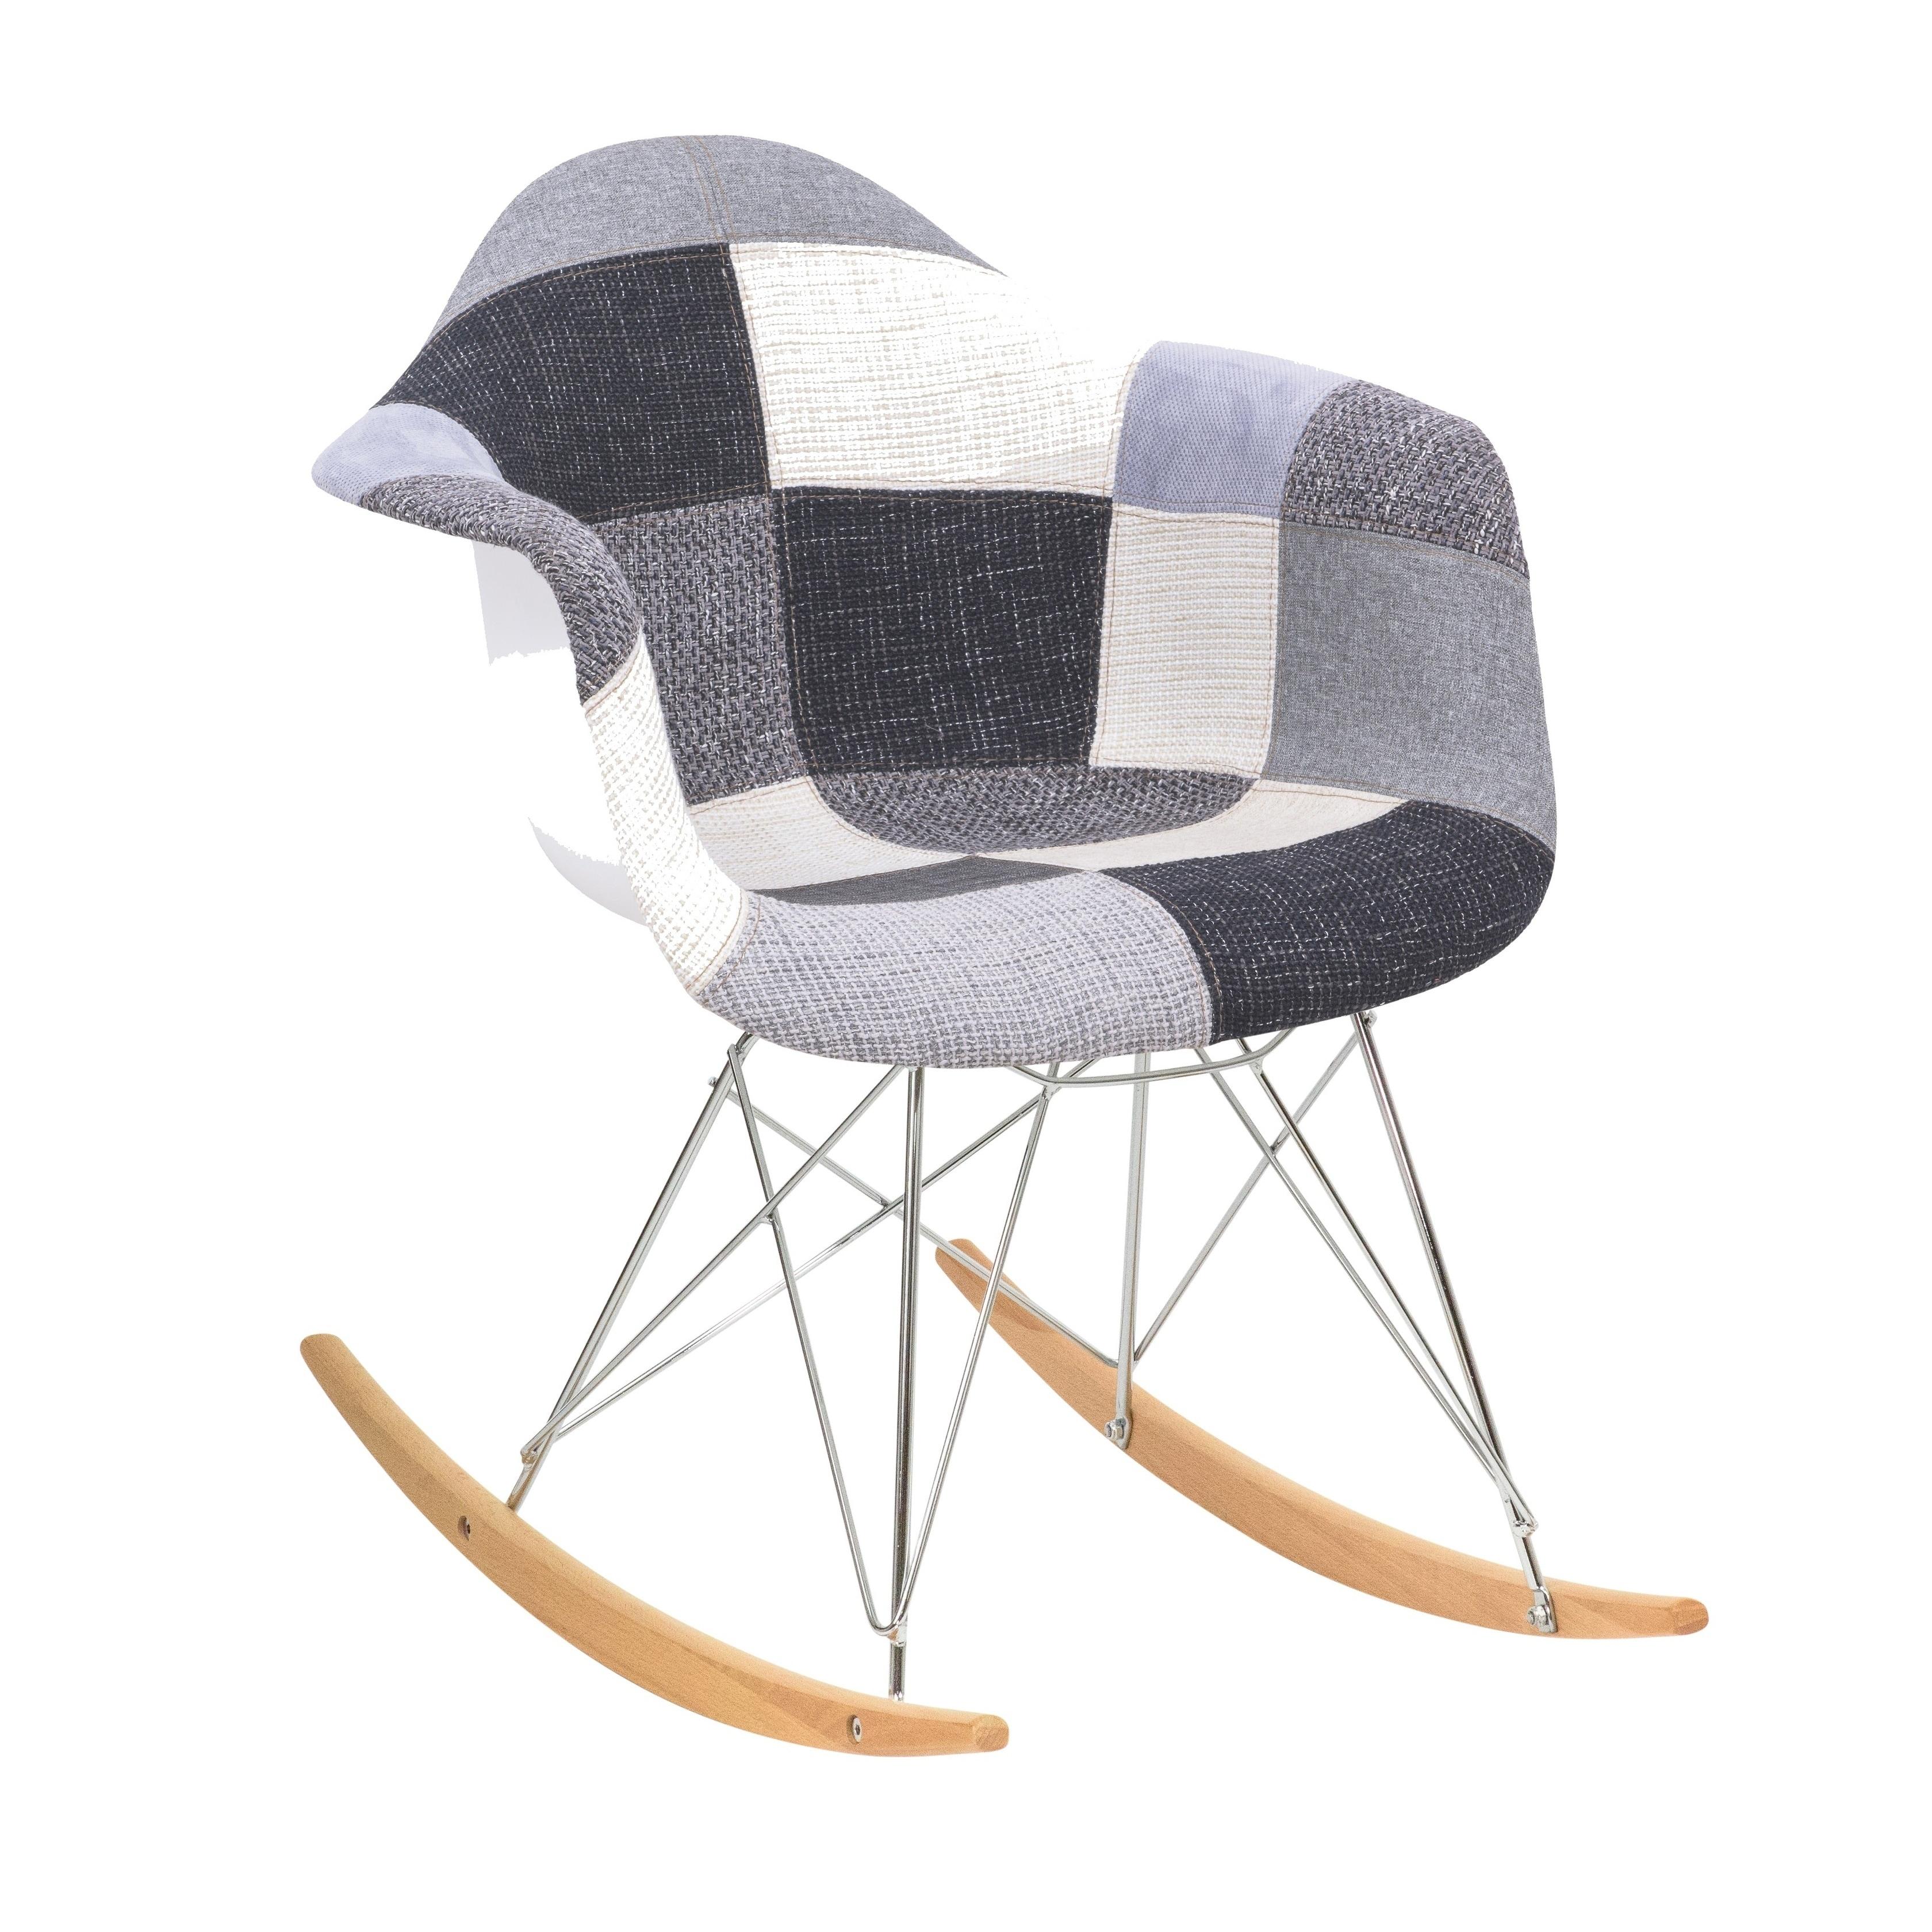 Leisuremod Wilson Twill Fabric Multi Rocking Chair W/ Eiffel Regarding Twill Fabric Beige Rocking Chairs With Eiffel Legs (#11 of 20)